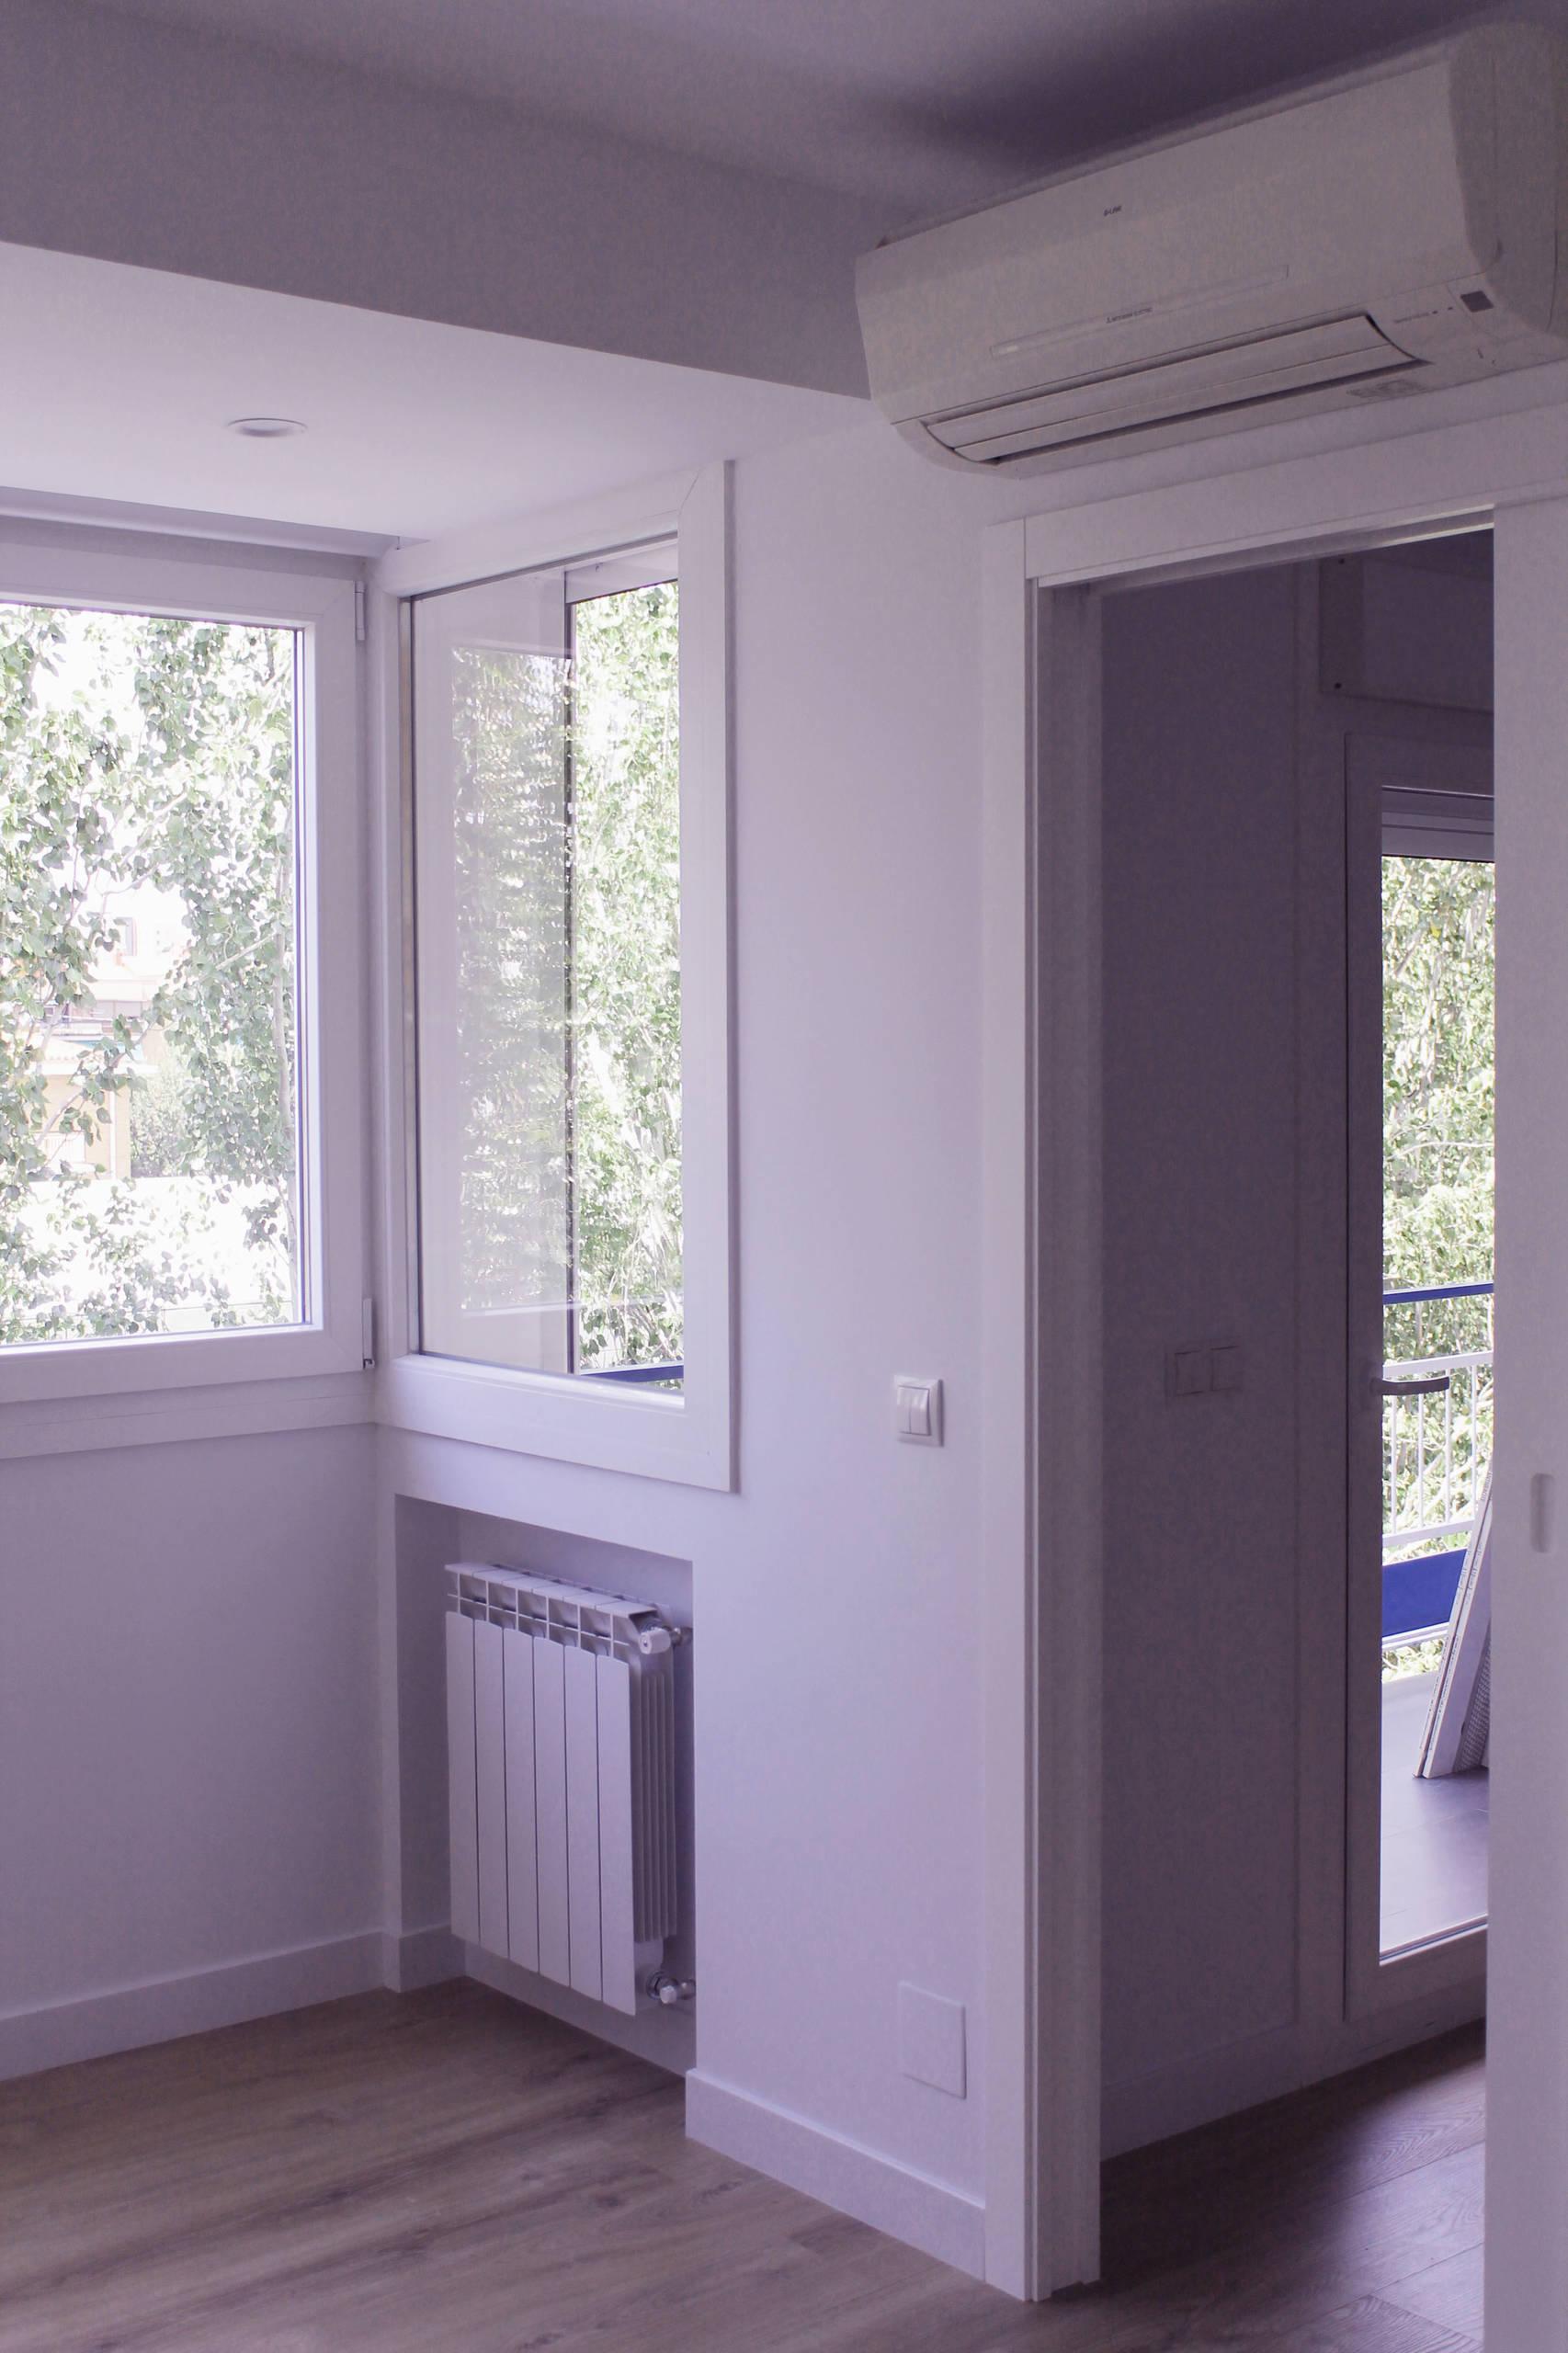 Ampliación apartamento 70m2 Ciudad Lineal - Madrid